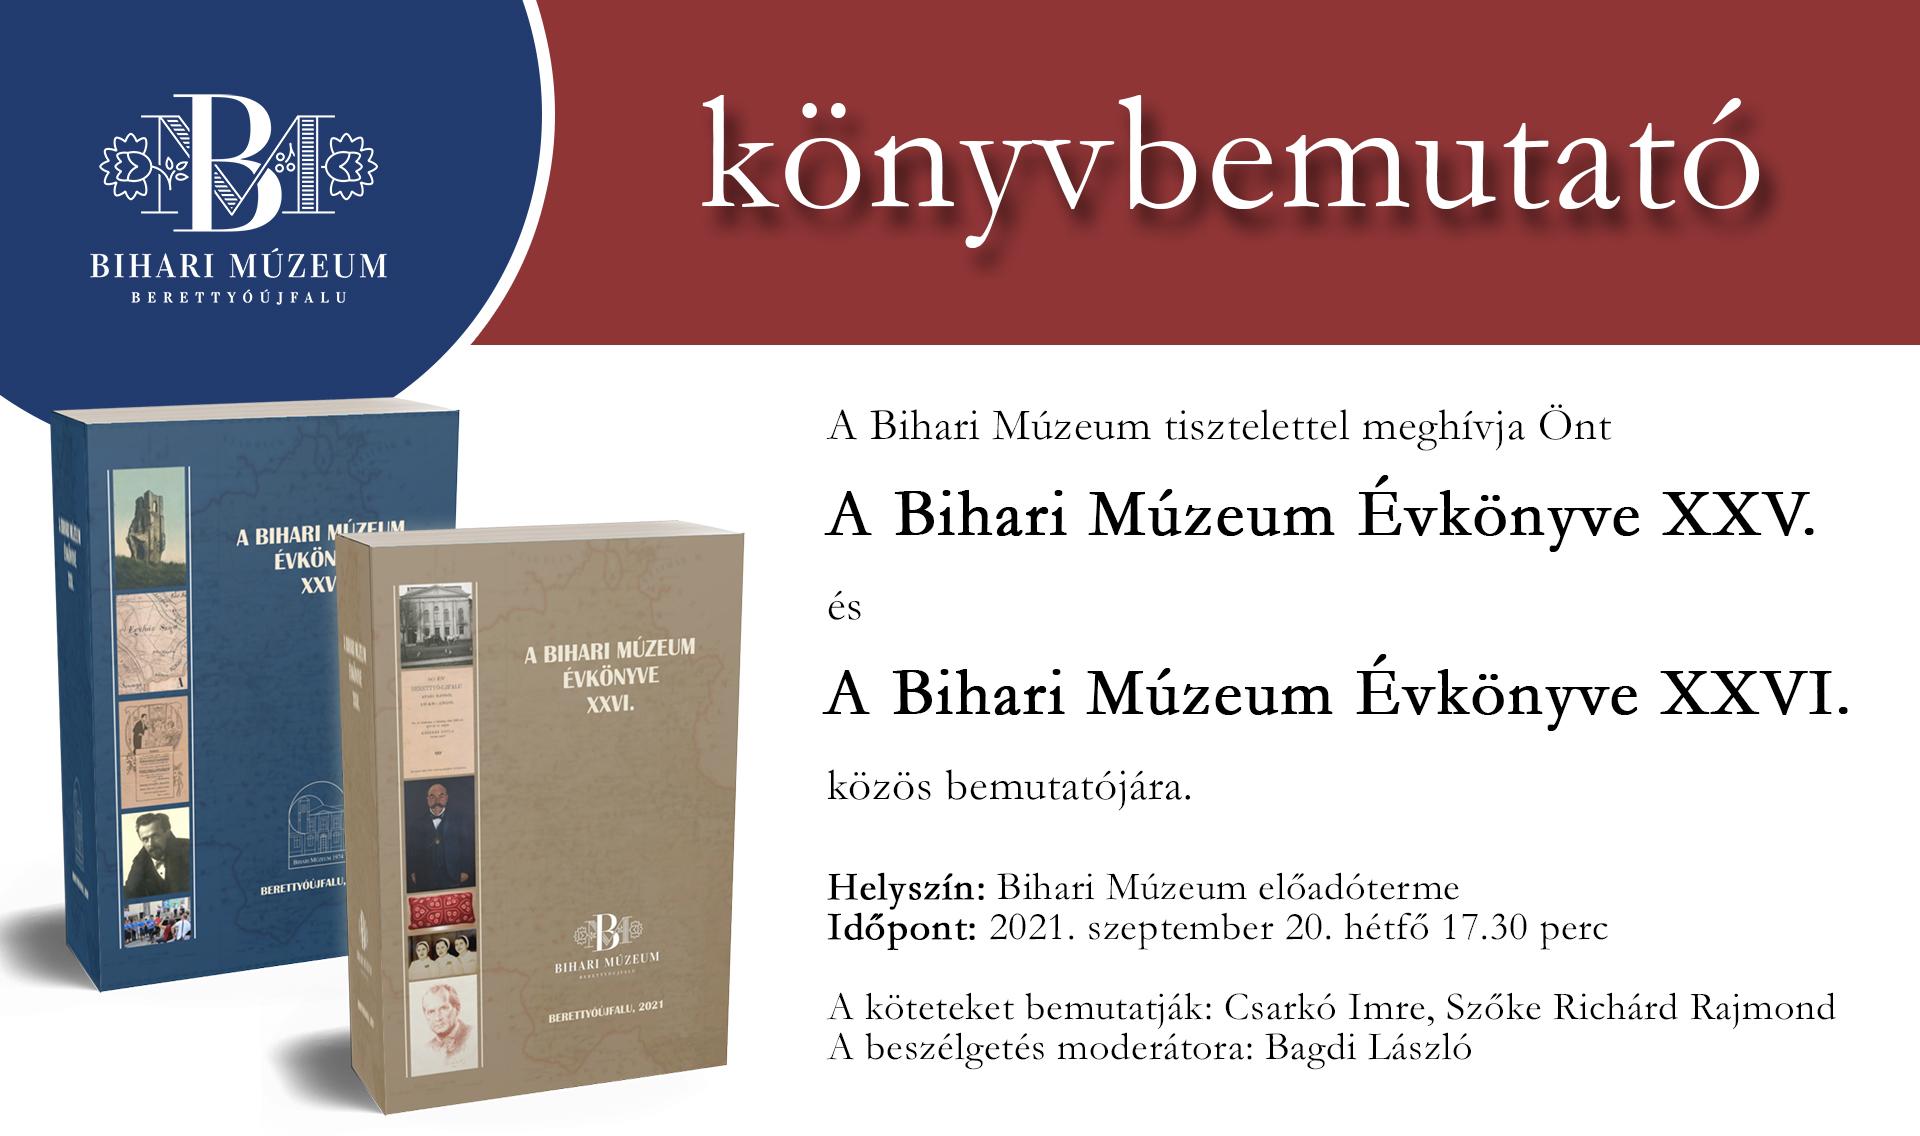 A Bihari Múzeum Évkönyve XXV. és XXVI. közös bemutatója